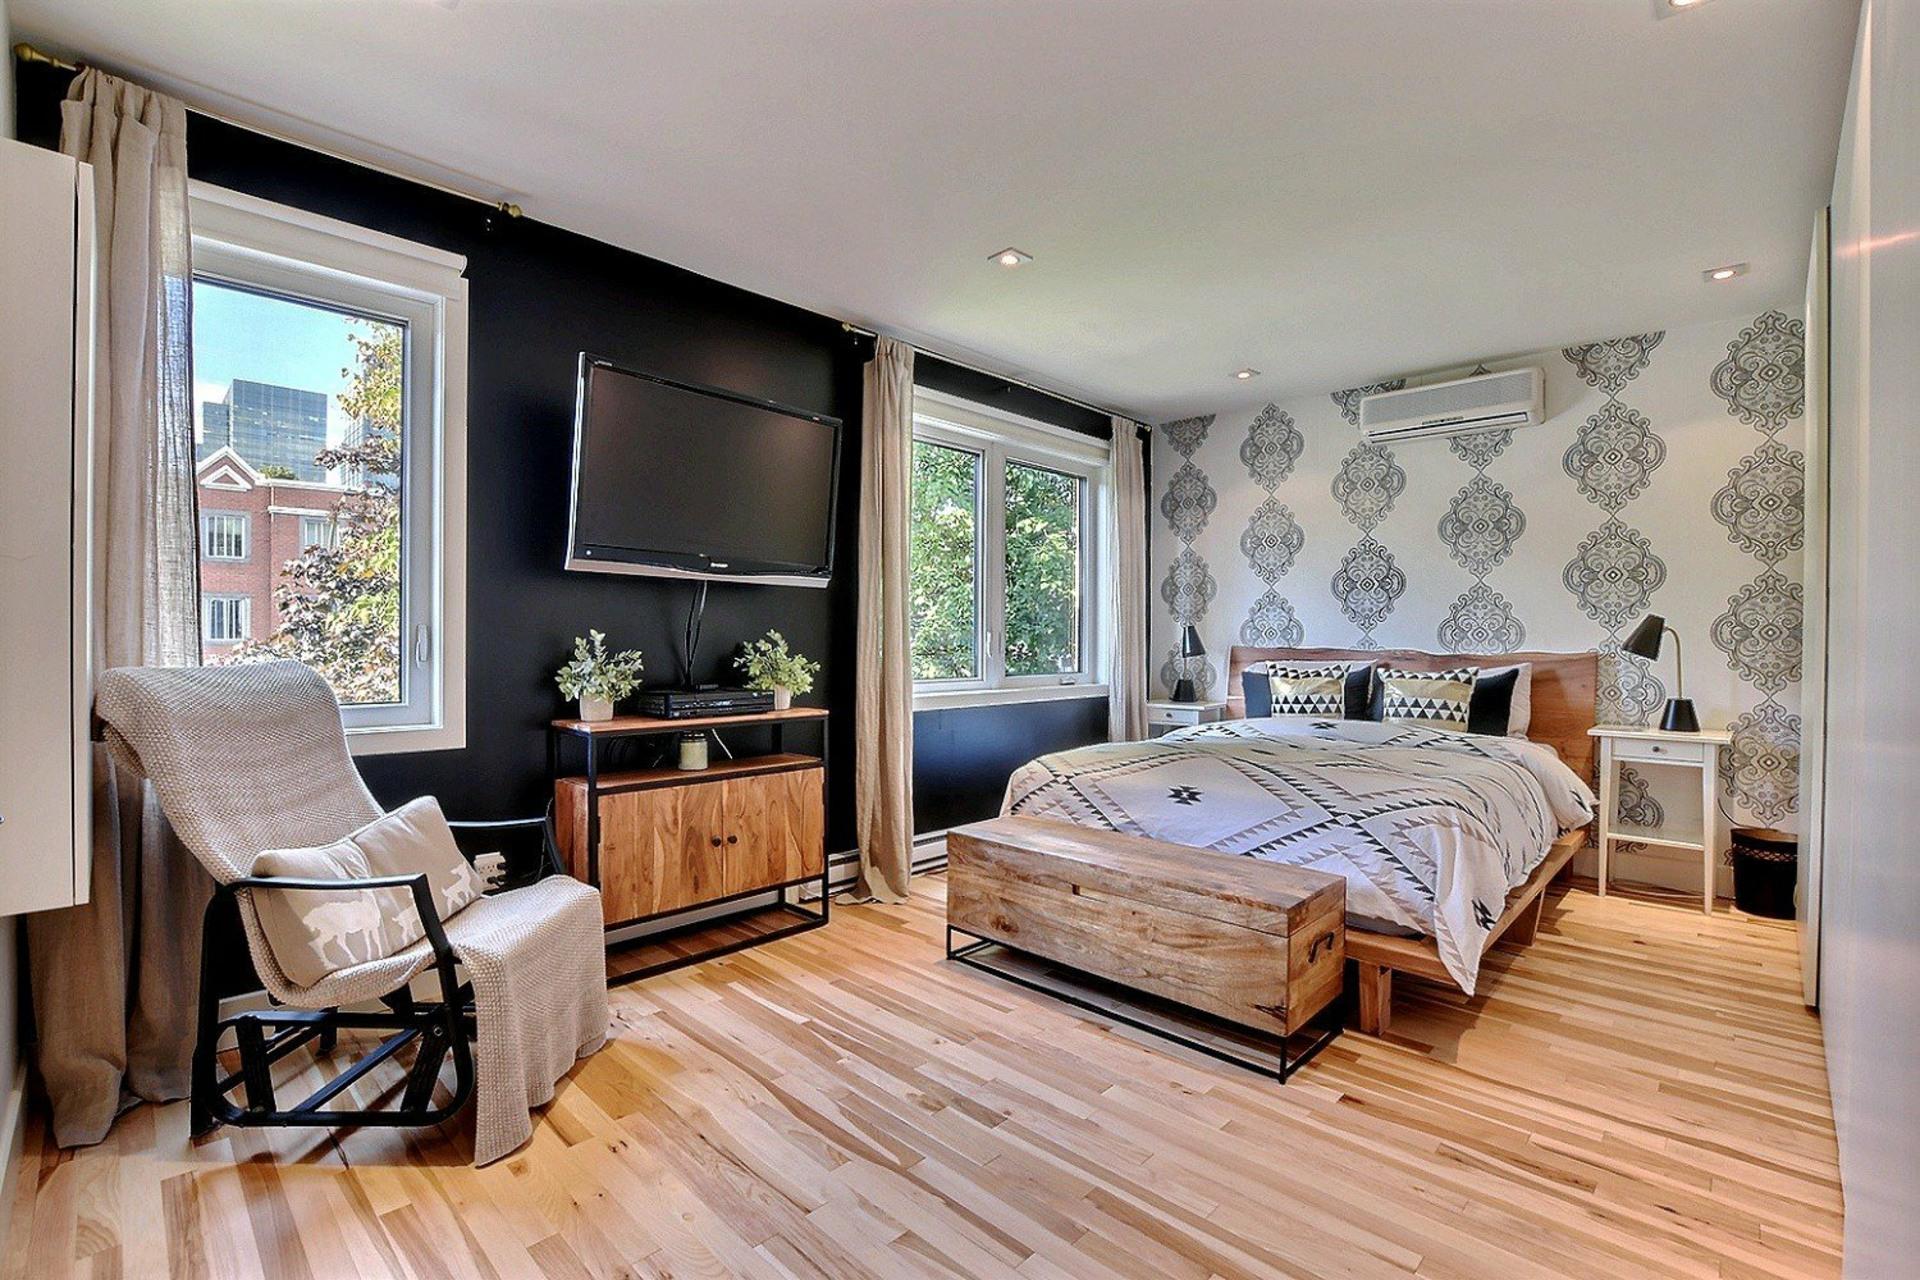 image 4 - House For rent Ville-Marie Montréal  - 6 rooms